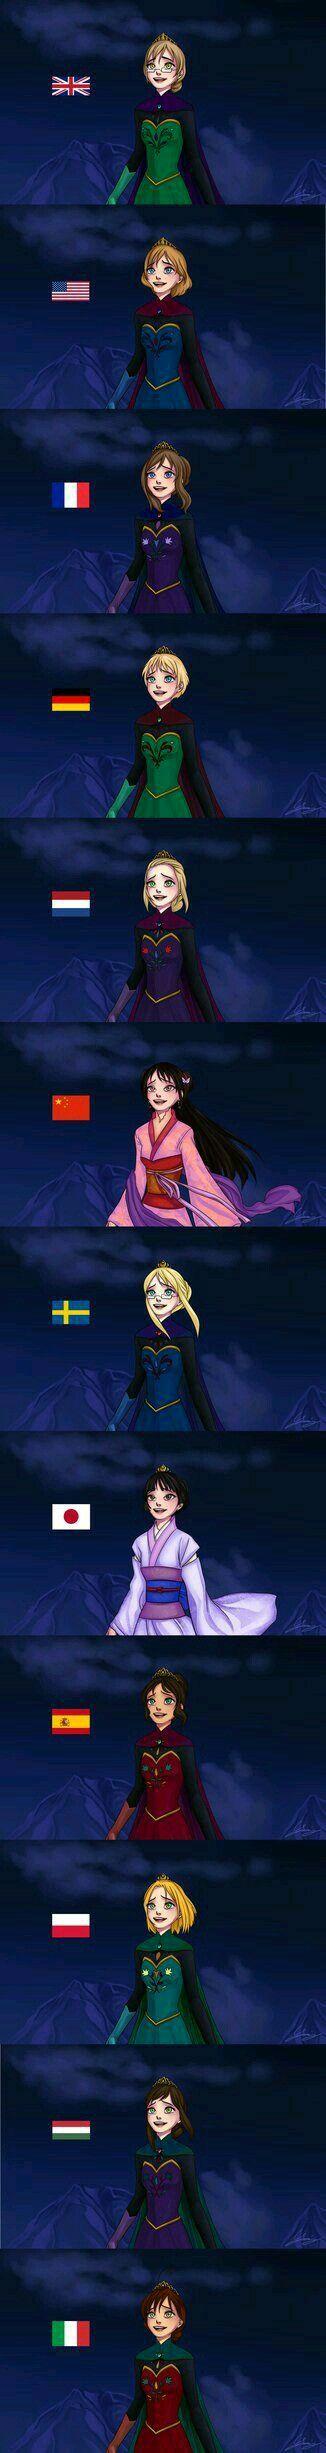 Elsa de los paises